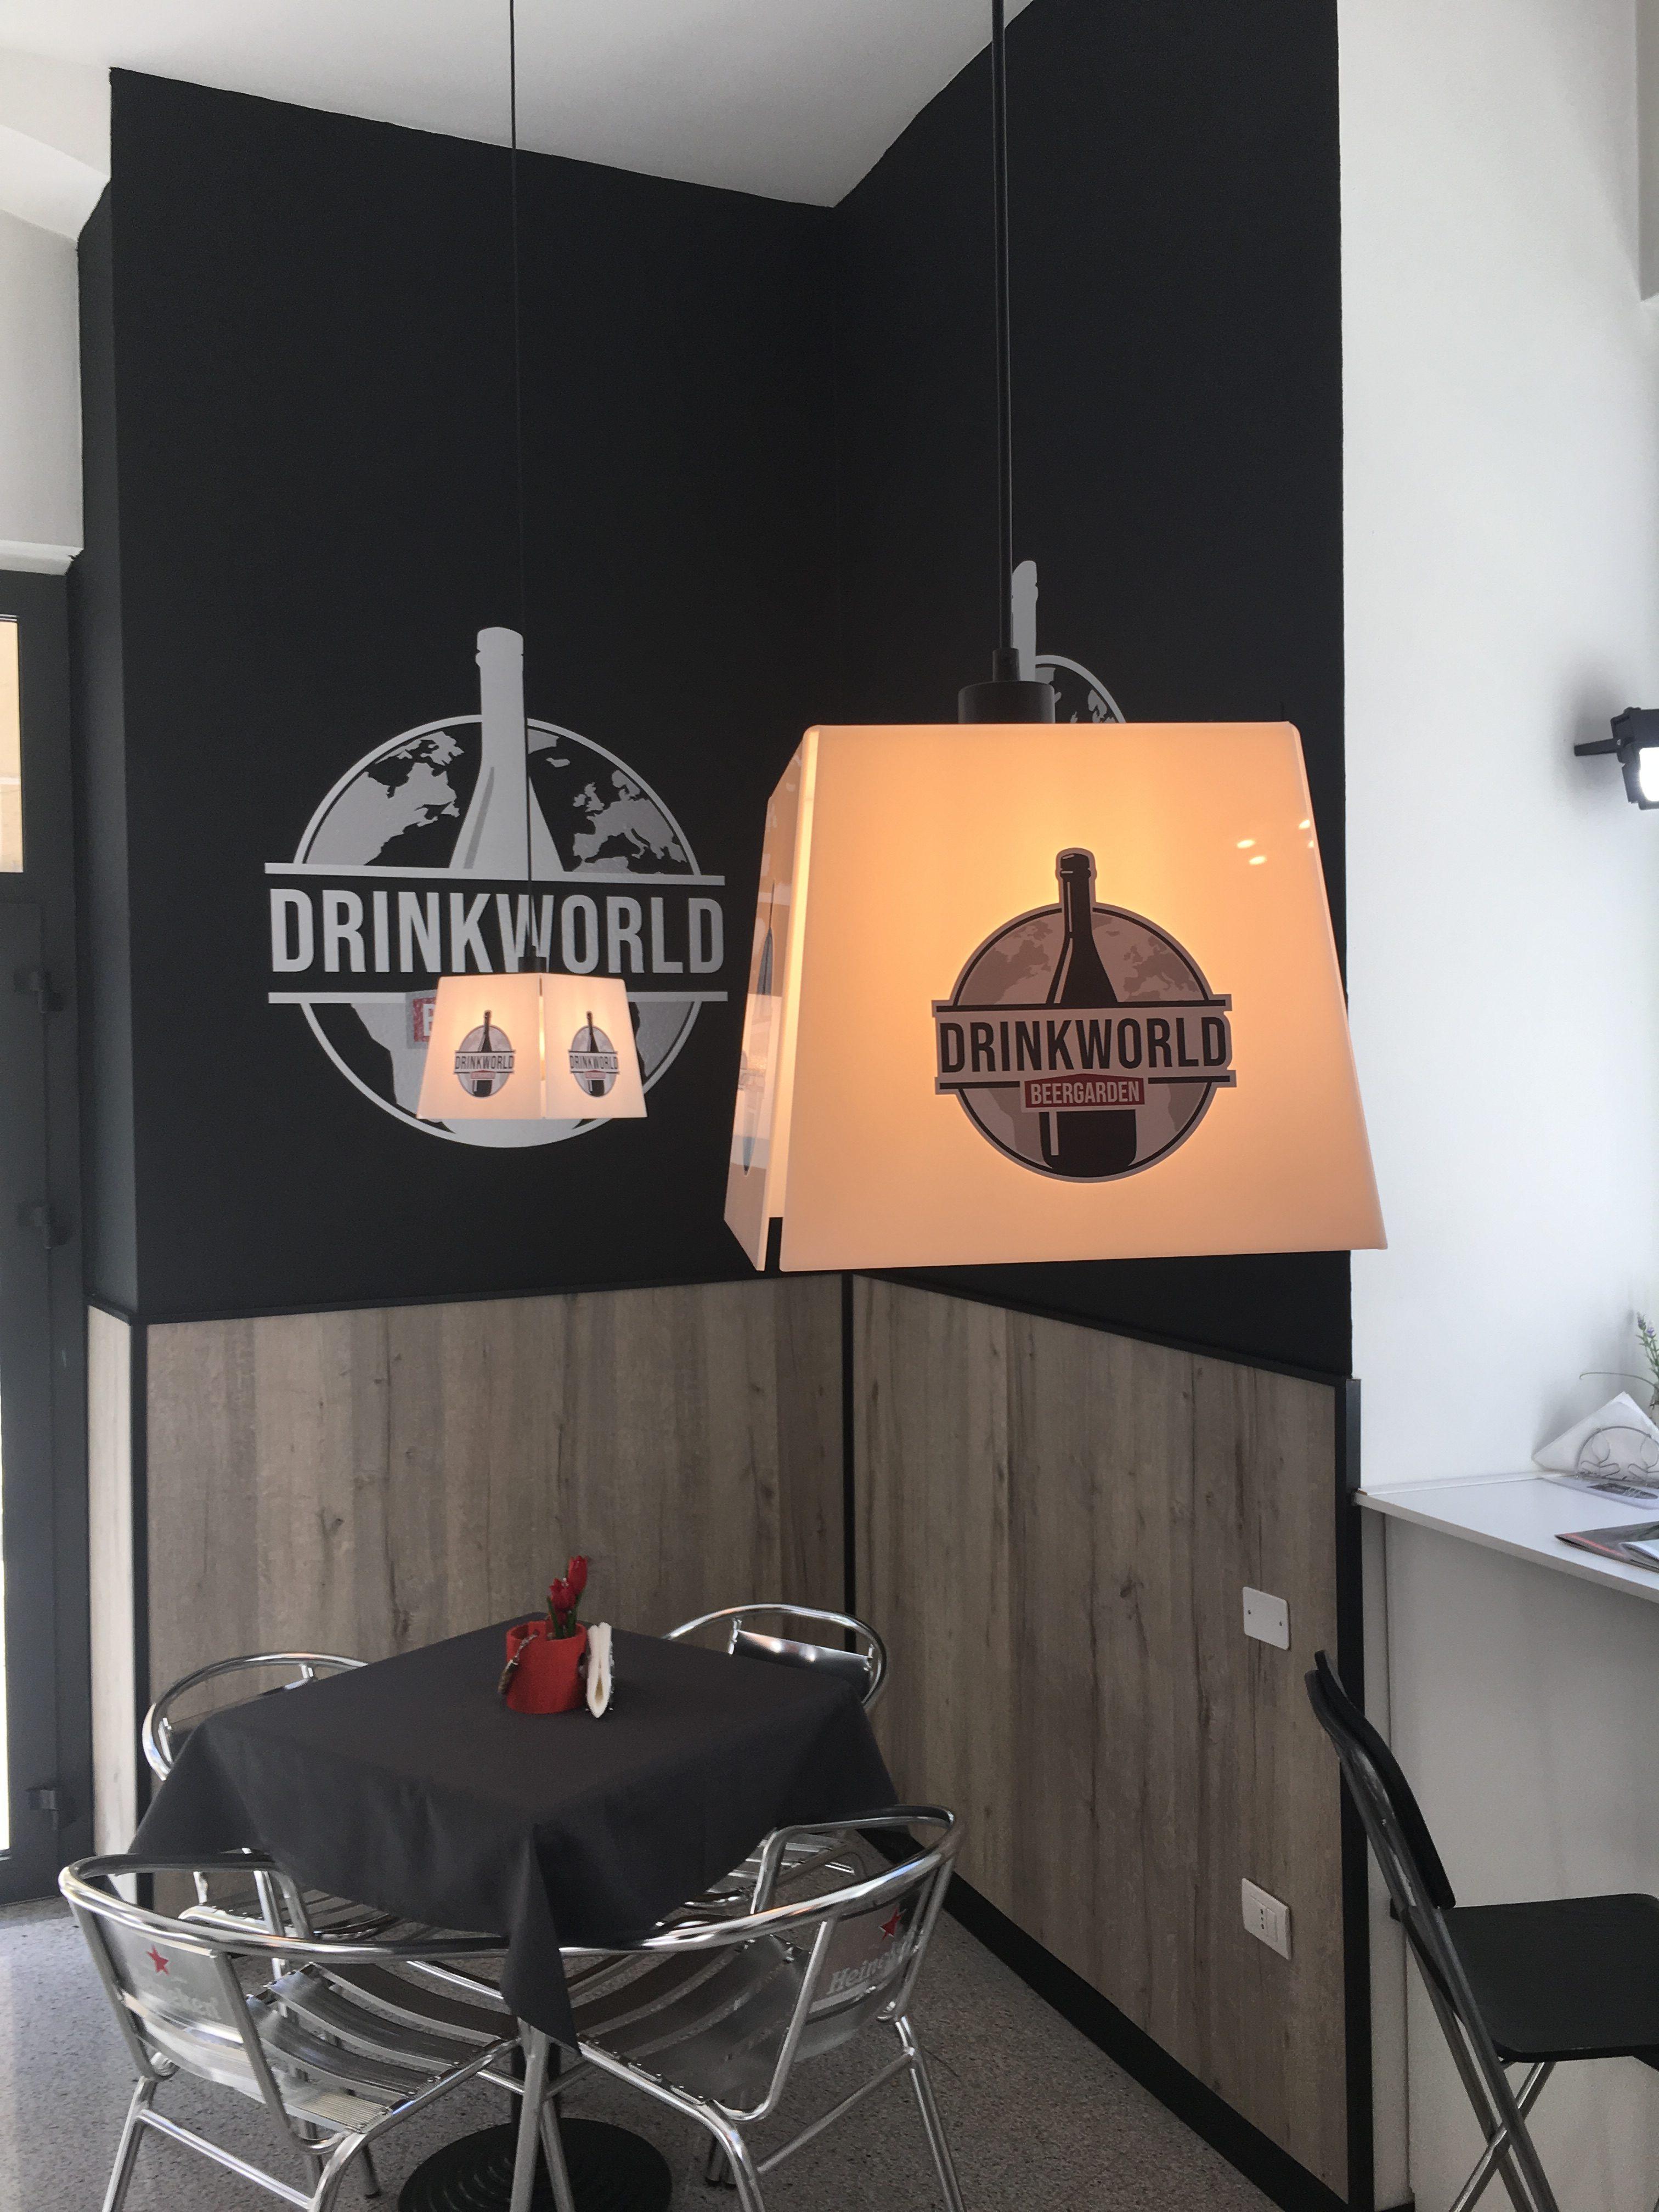 DrinkWorld – BeerGarden